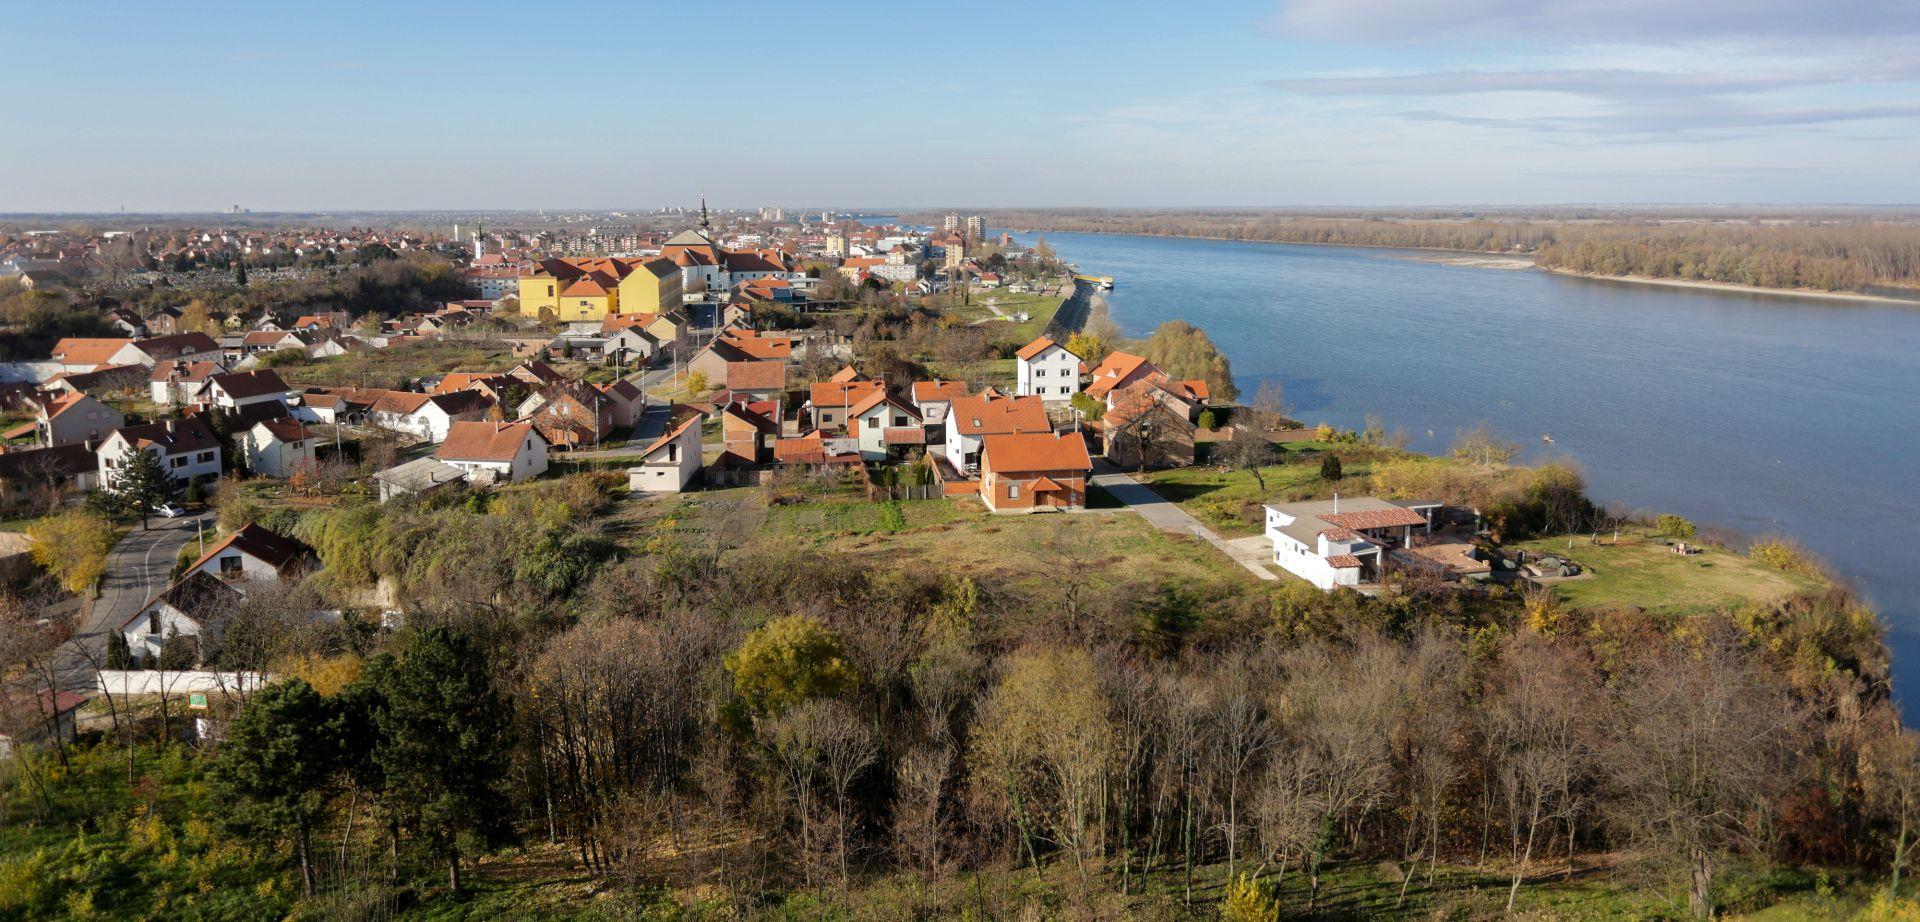 Vukovarci proslavljaju Dan grada Vukovara